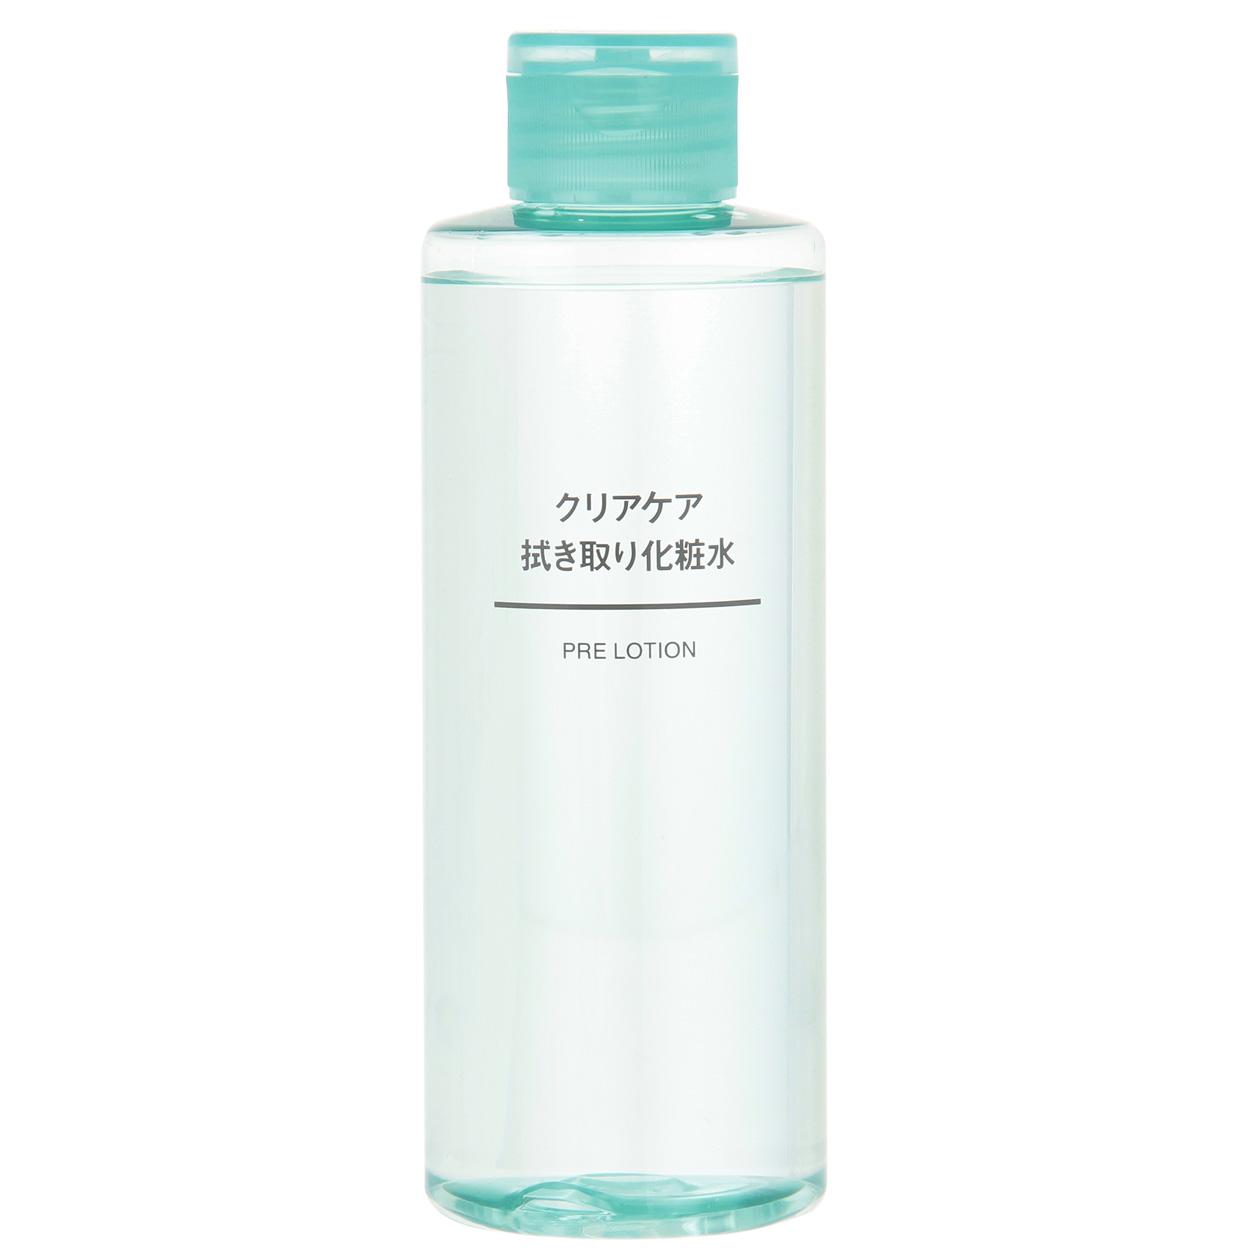 拭き取り化粧水のおすすめ10選【2019年版】